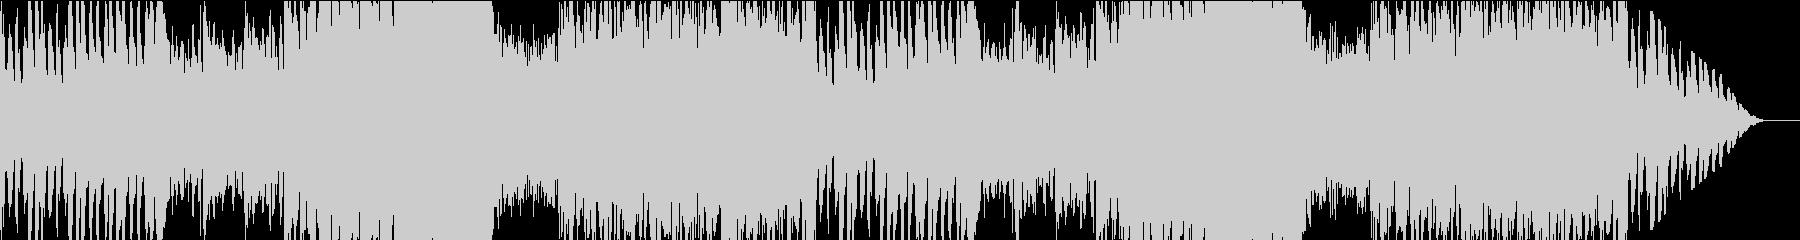 オーケストラ素材のバトル曲の未再生の波形